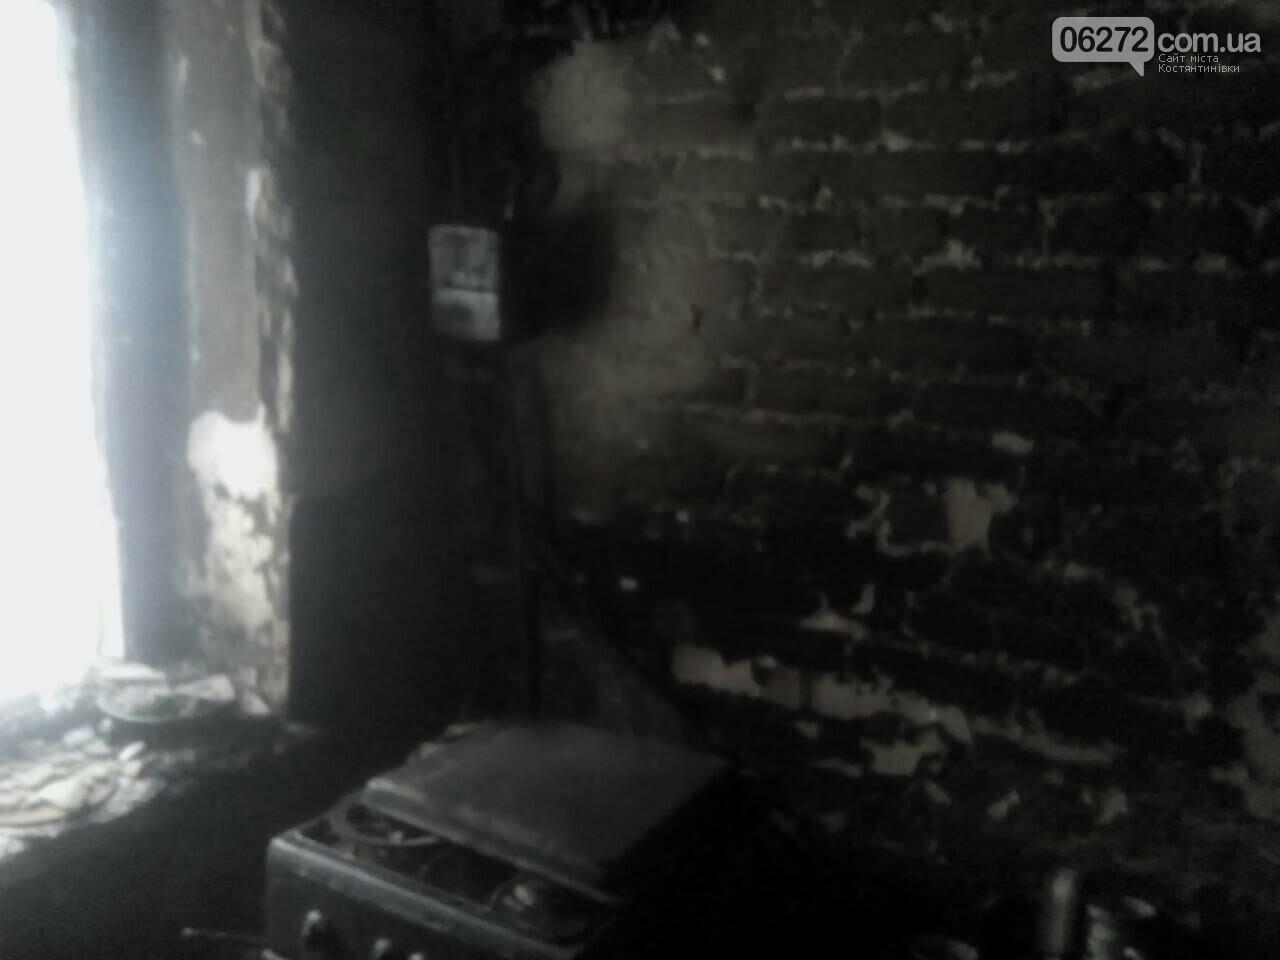 В Константиновке во время пожара погибла женщина, фото-2